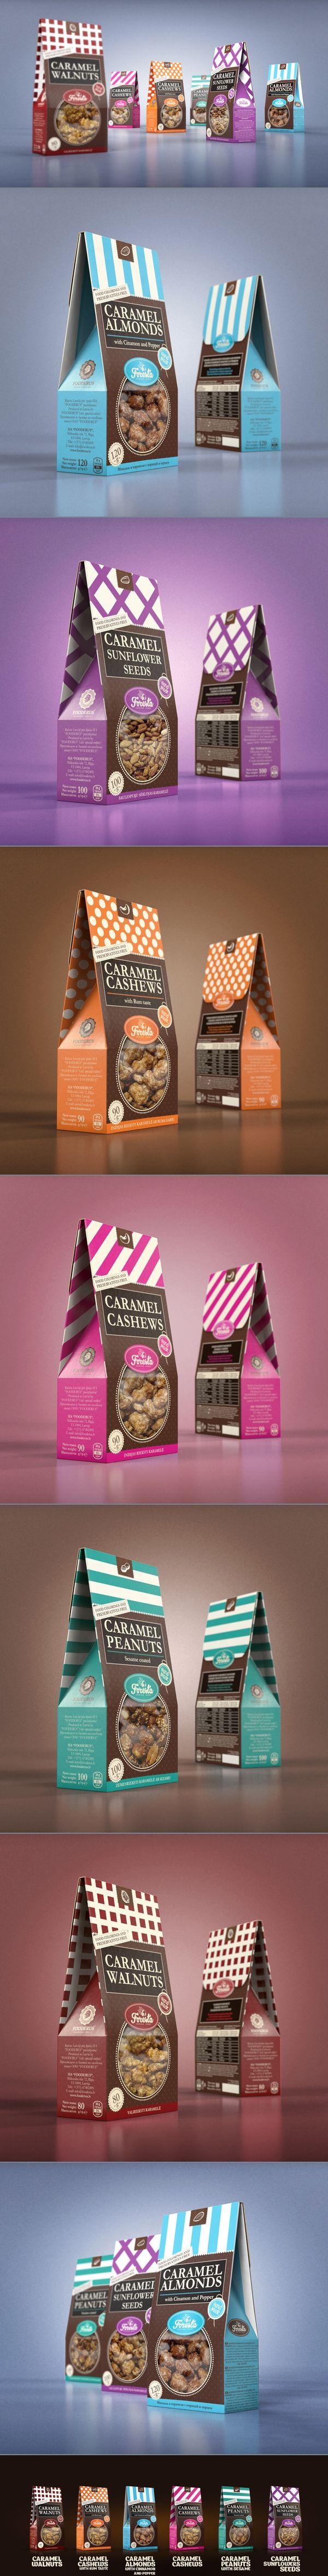 Packaging / food